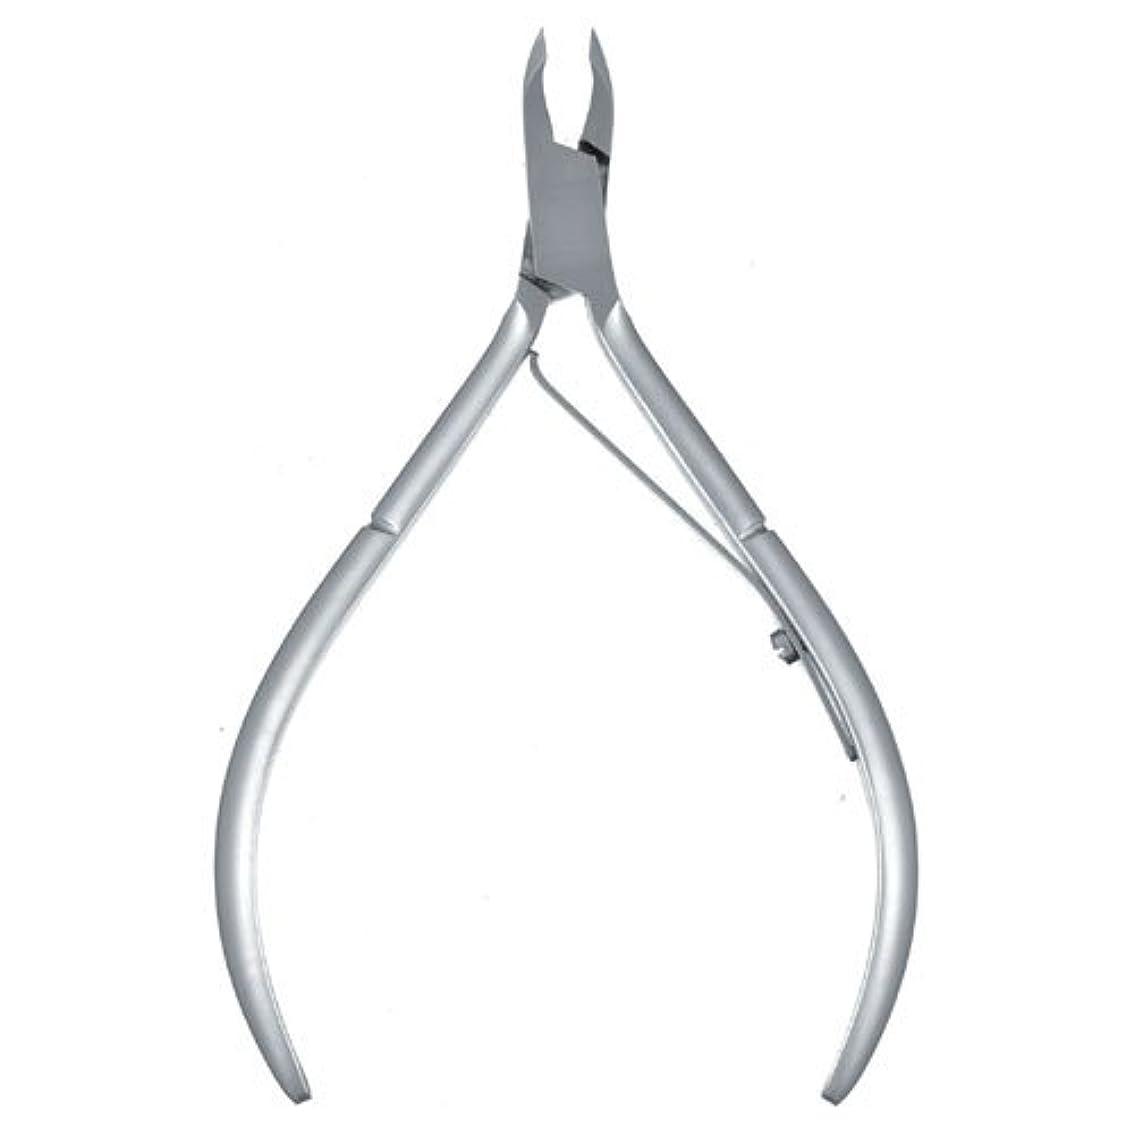 鋸歯状引っ張る酸っぱい内海 キューティクルニッパー C453 シングルスプリング 刃先:3mm± 全長:106mm